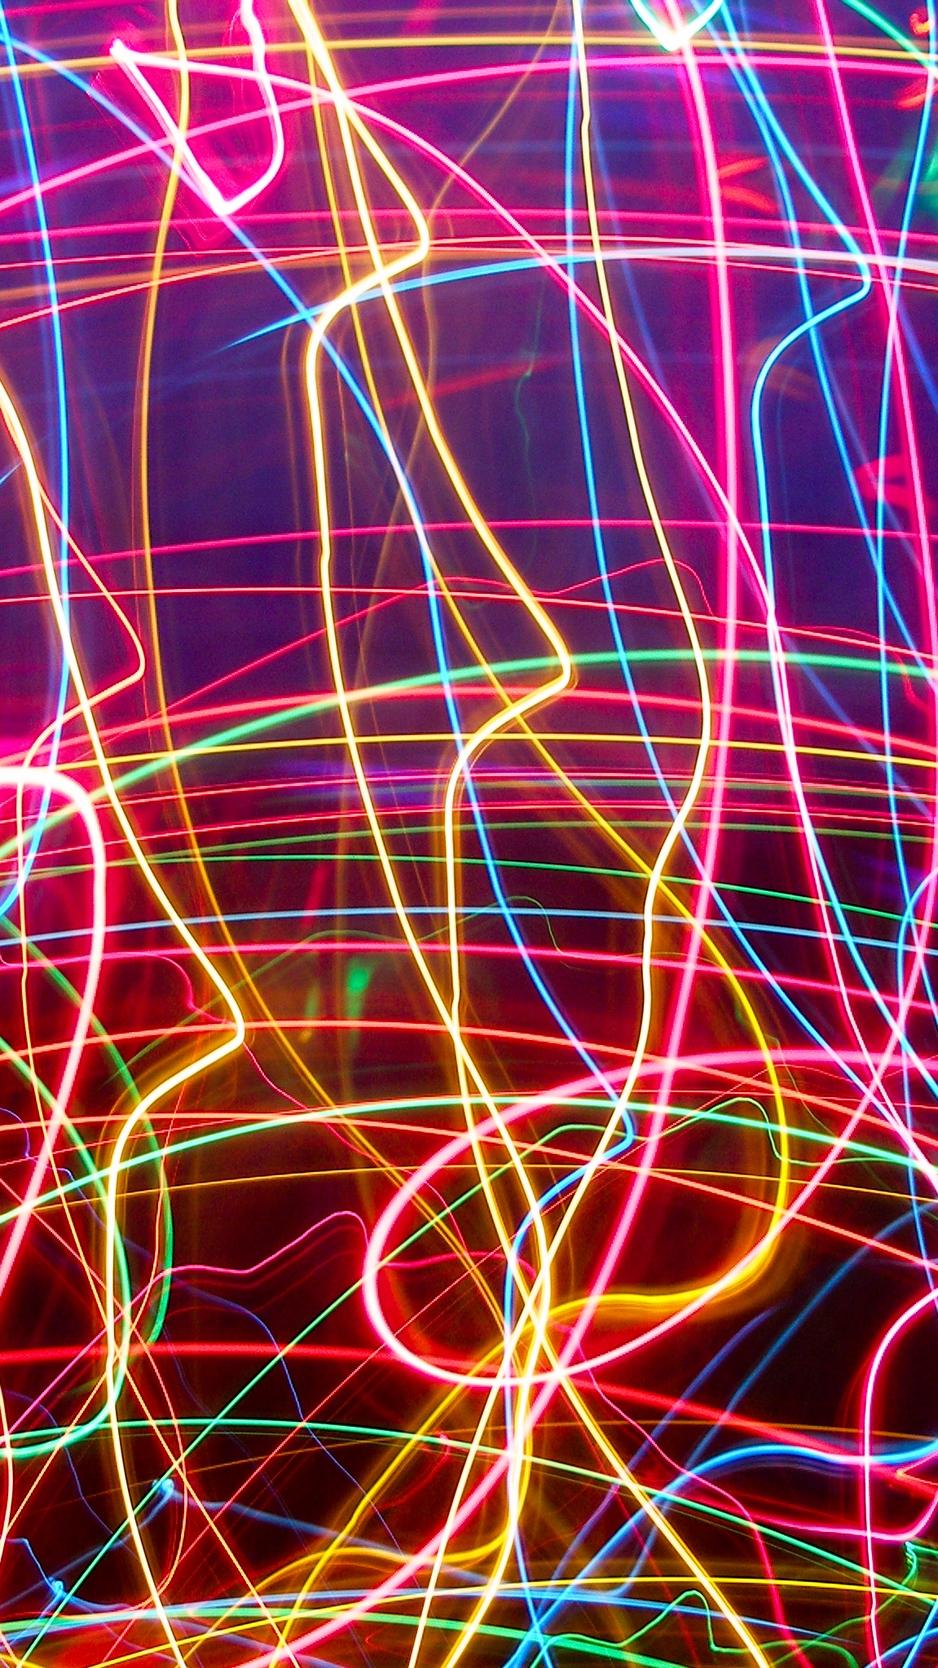 Download wallpaper 938x1668 neon, lines, plexus, light